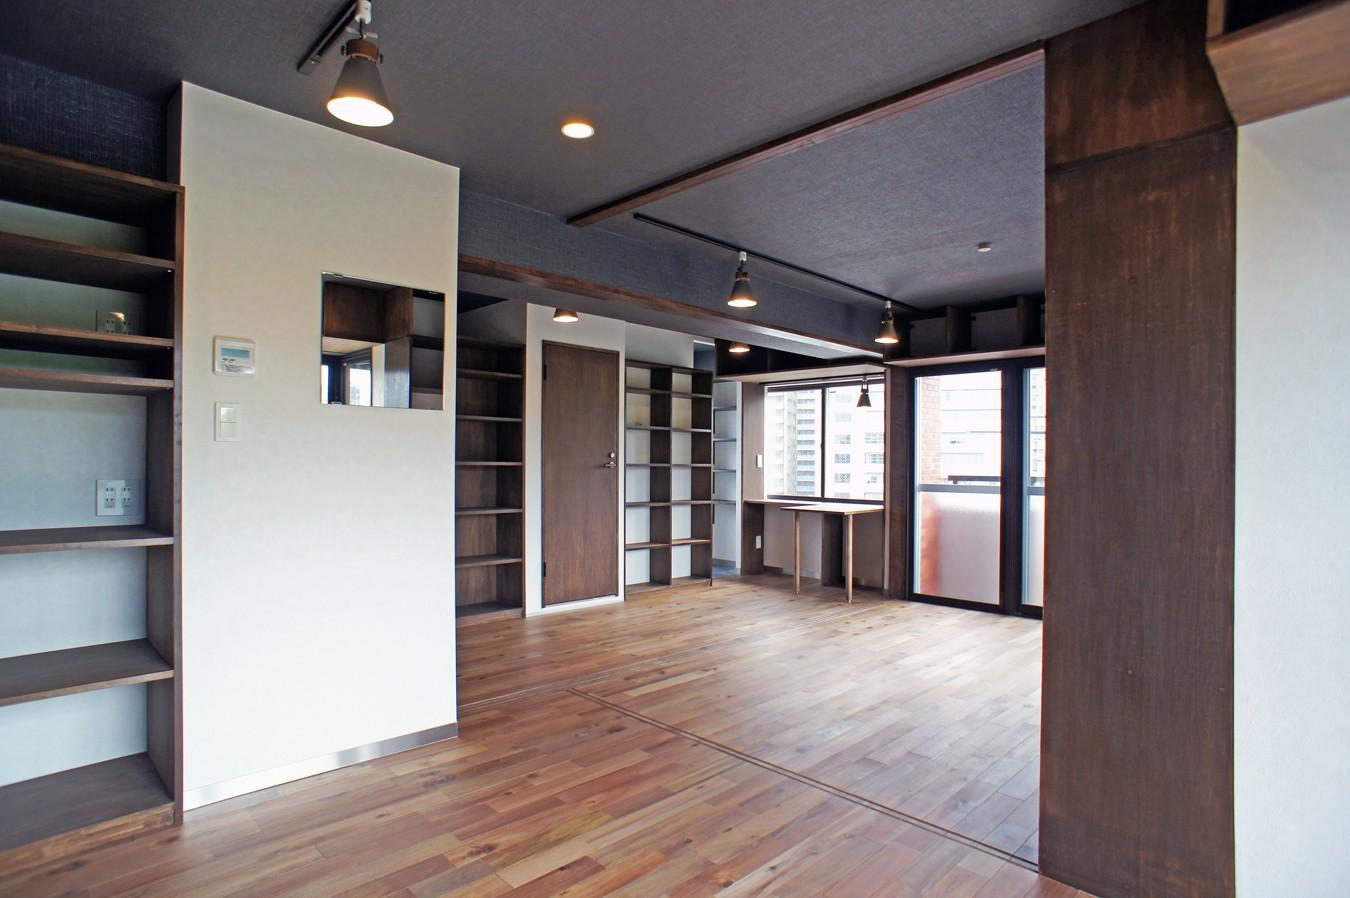 リビングダイニング事例:キッチンからリビングの眺め(カグ ノ モリ - 壁面全面造作家具のリノベーション -)